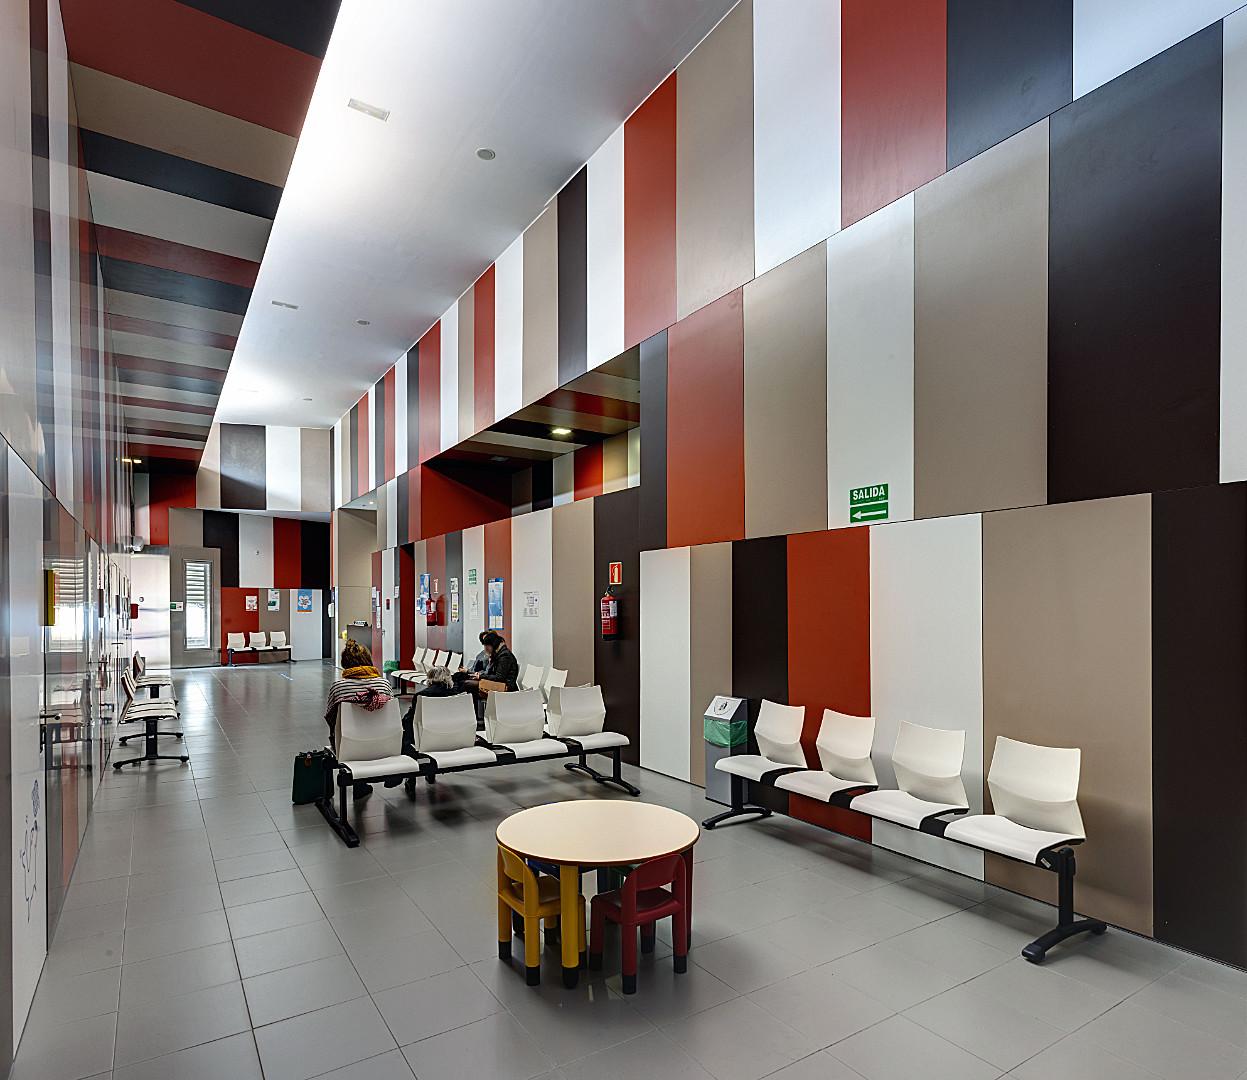 Consultorio Tudela Veguín - Centro de salud